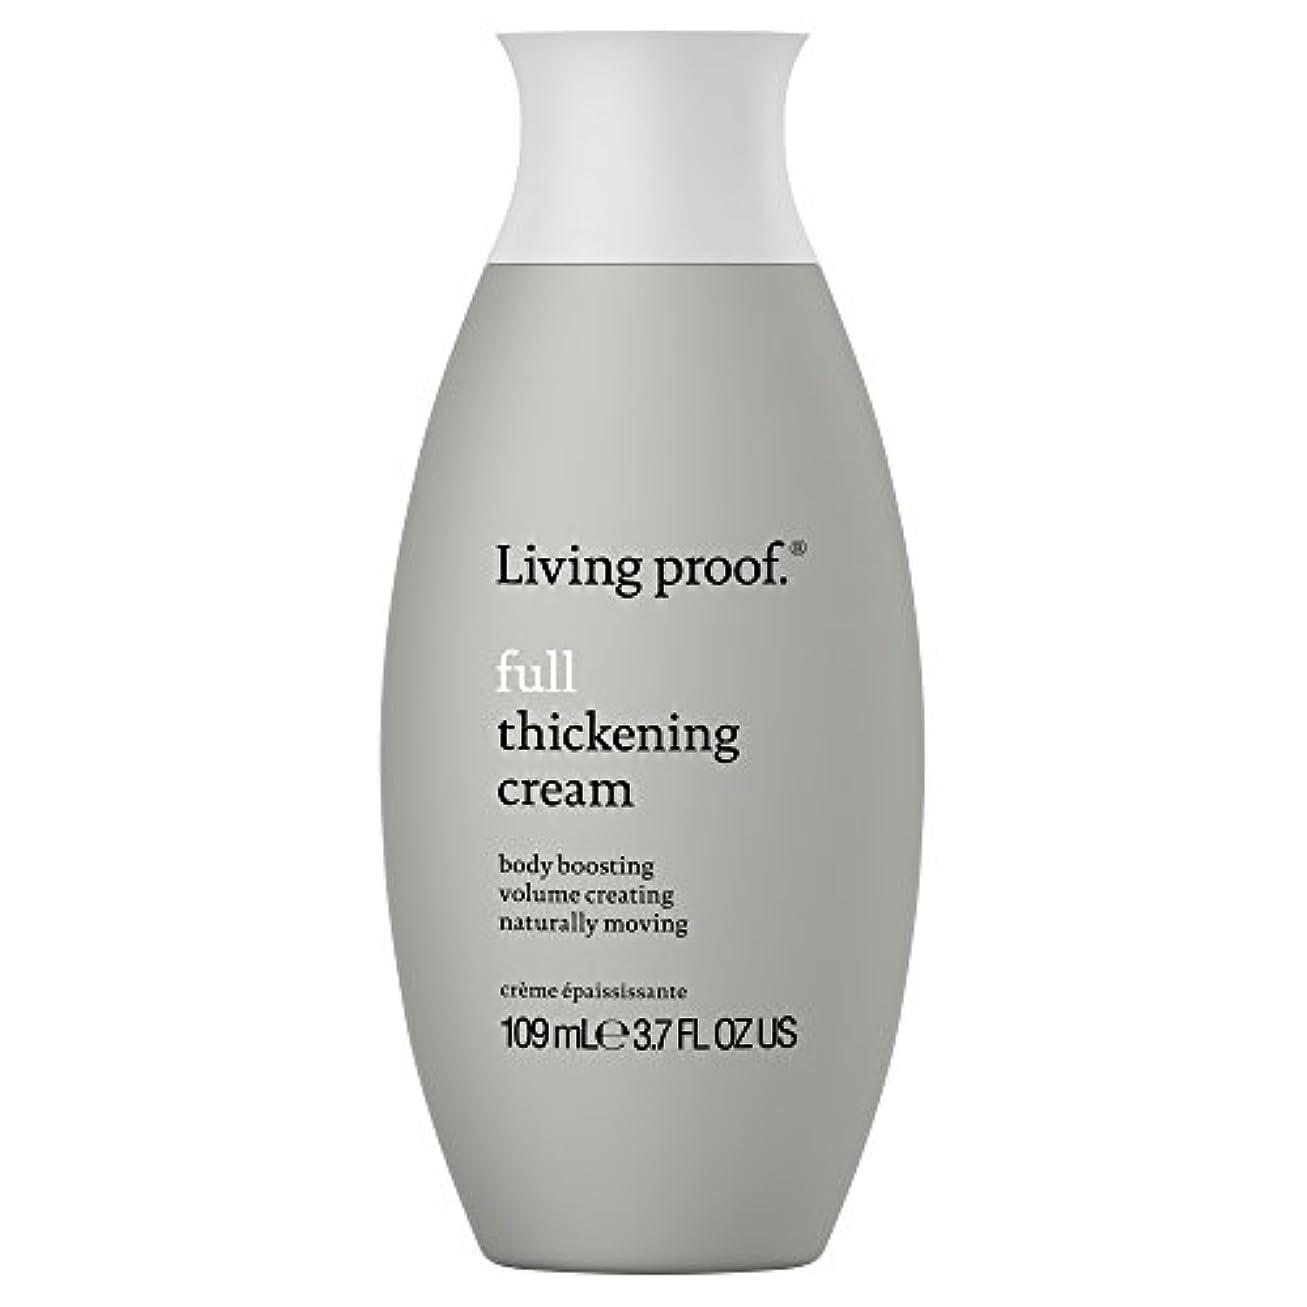 柔和ヘッドレスハグ生きている証拠フル肥厚クリーム109ミリリットル (Living Proof) (x6) - Living Proof Full Thickening Cream 109ml (Pack of 6) [並行輸入品]